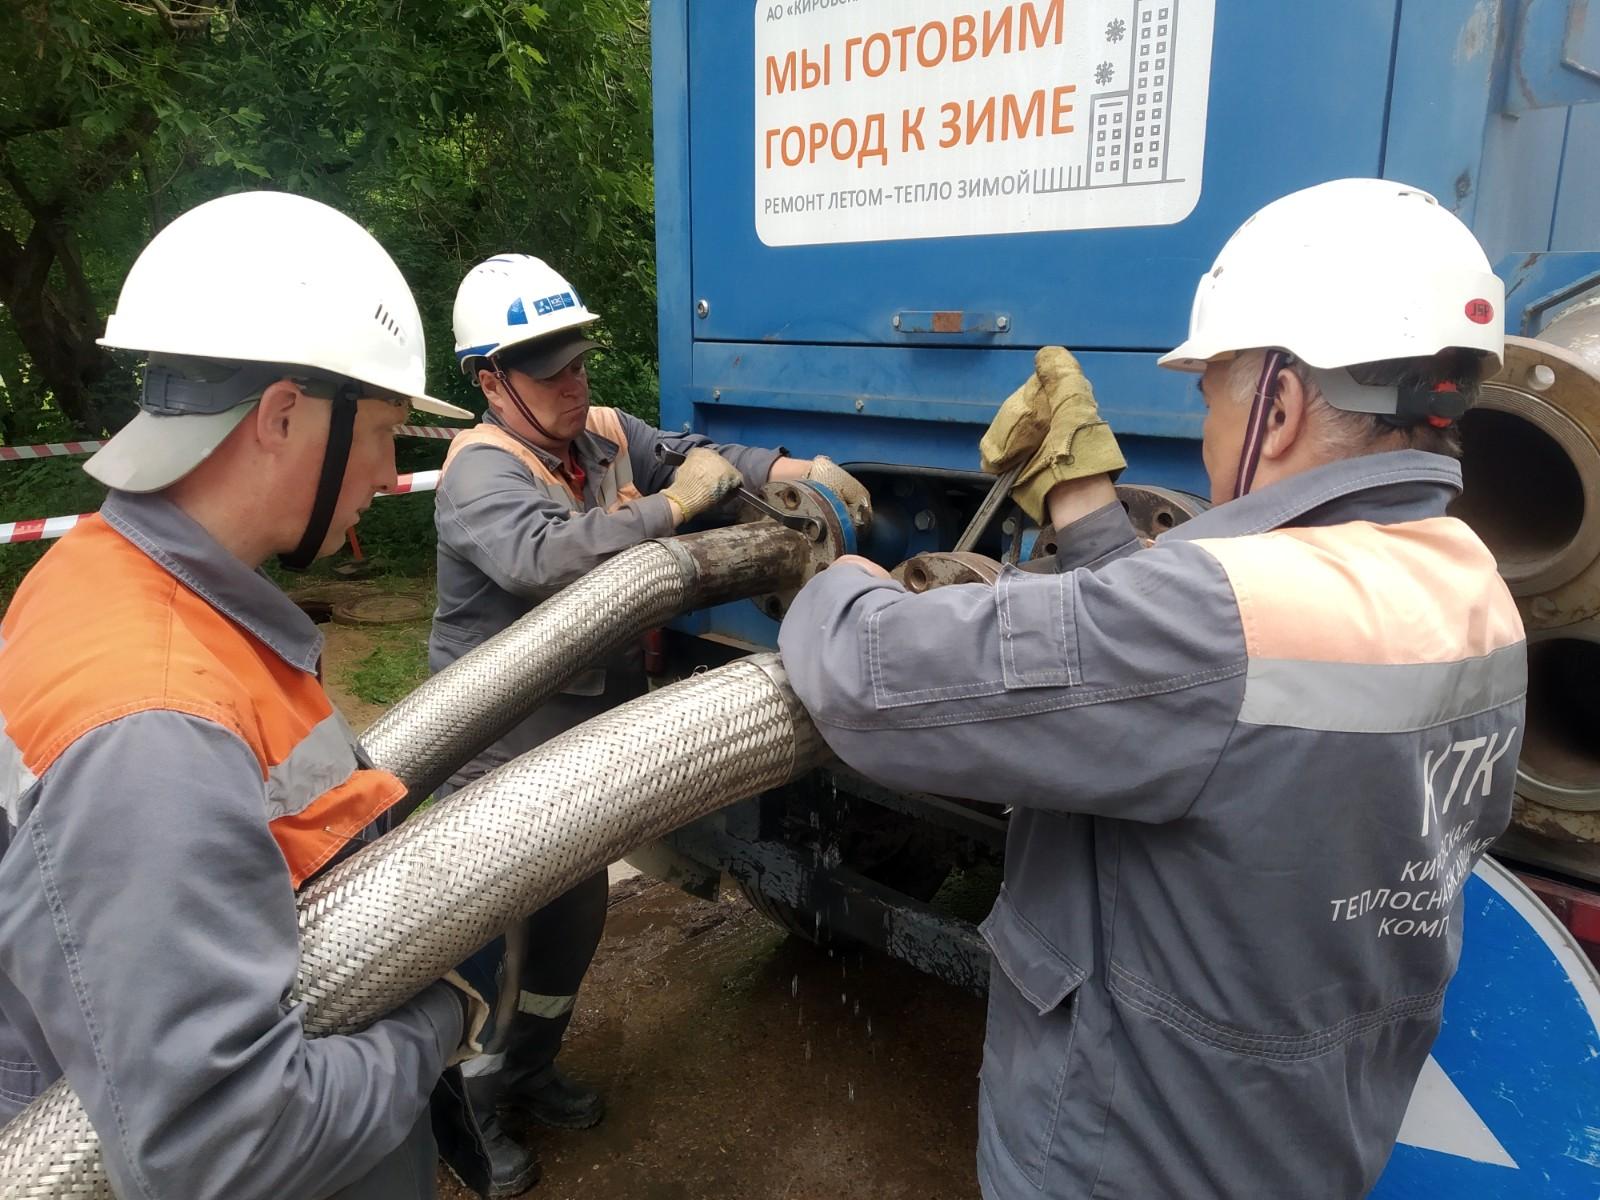 В Кирово-Чепецке пройдут повторные гидравлические испытания